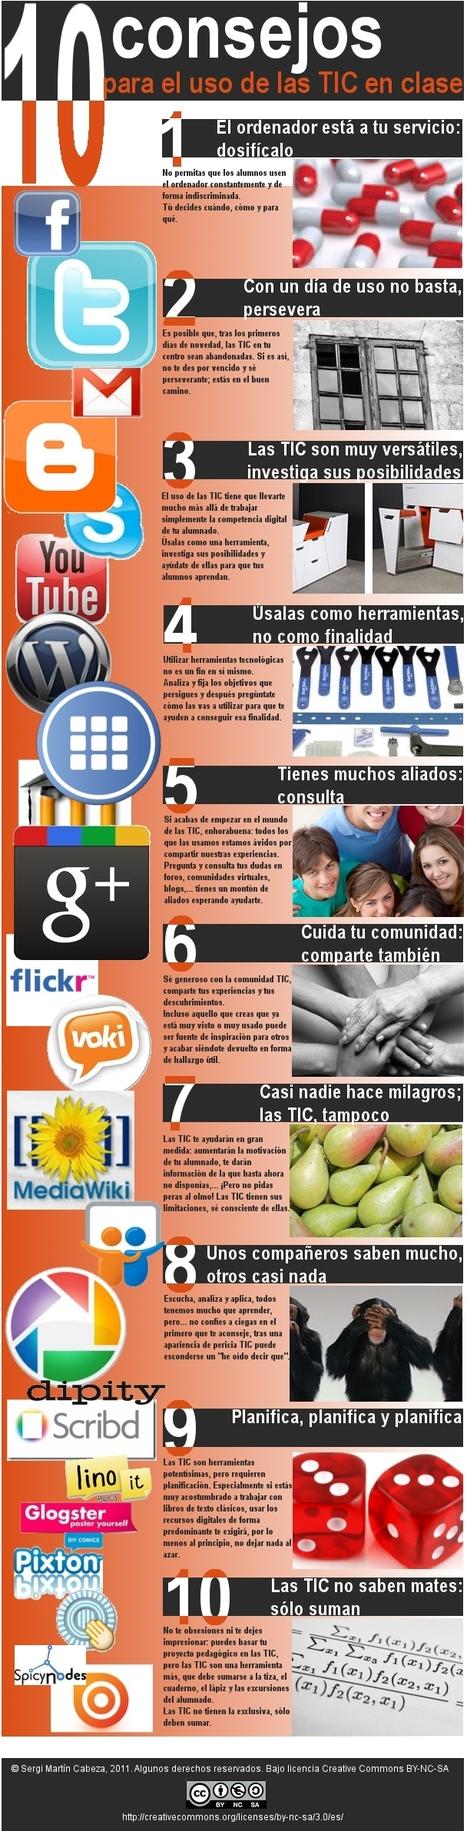 10 consejos para el uso de las TIC en clase #infografia #education | education technology | Scoop.it